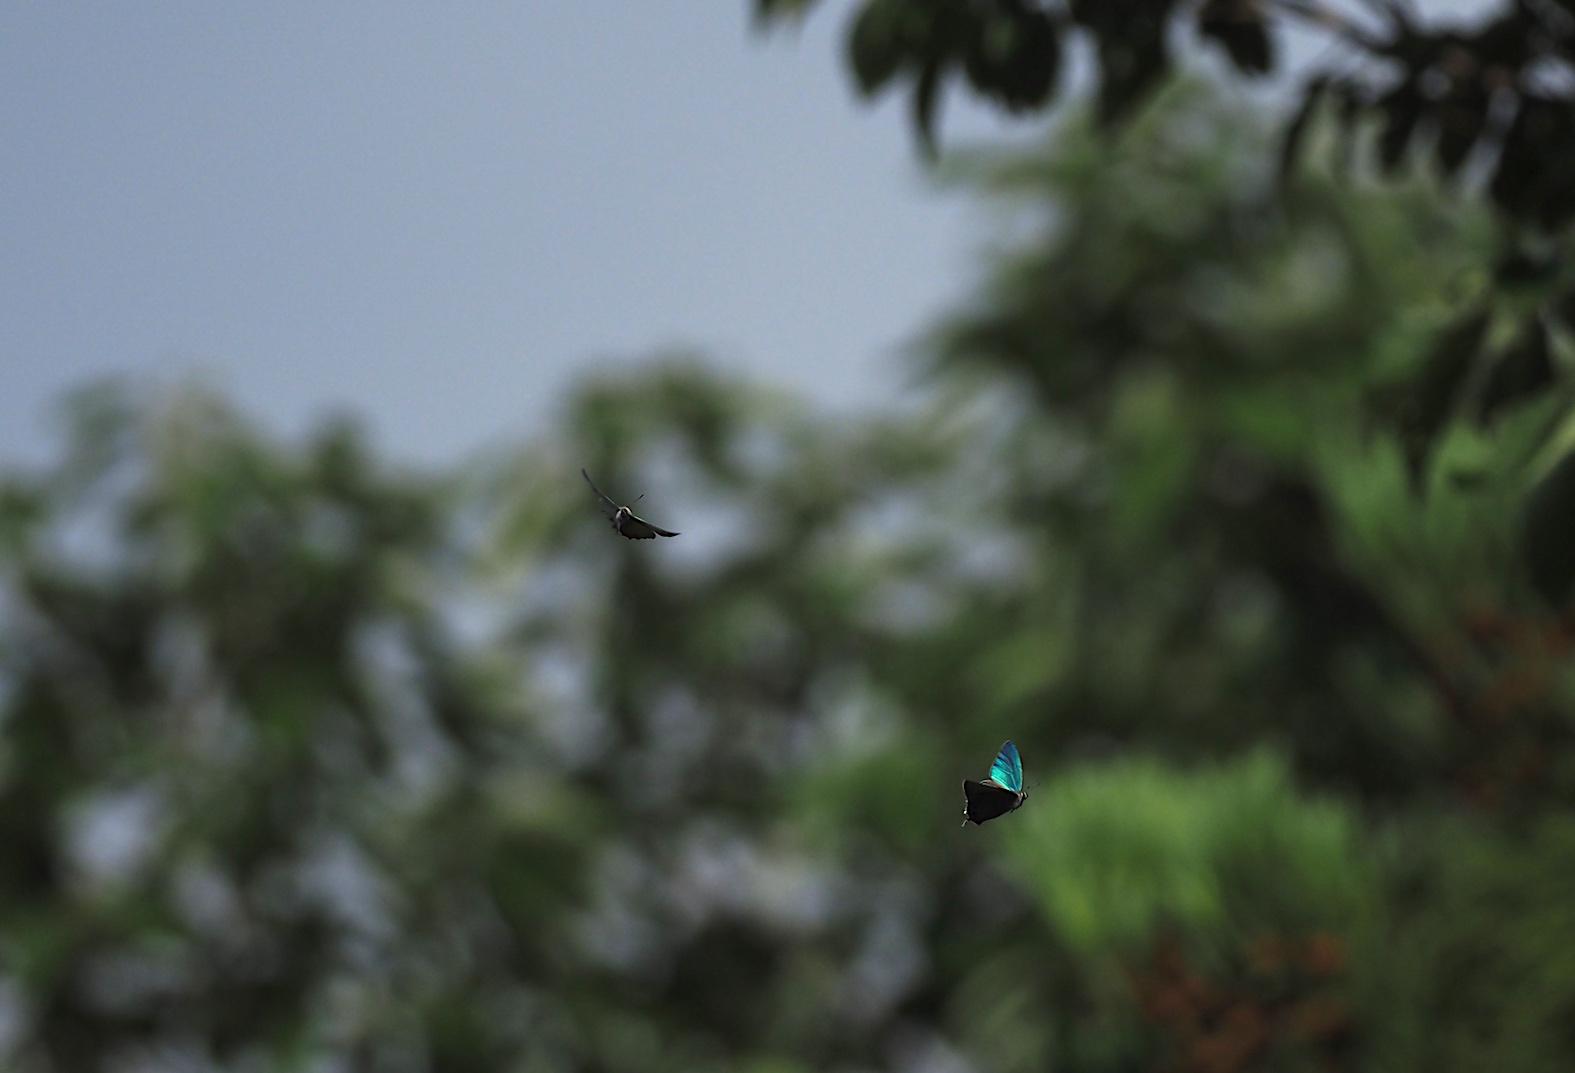 オオミドリシジミ三昧の日・その3 卍巴飛翔編(2018年6月7日)_d0303129_4272250.jpg